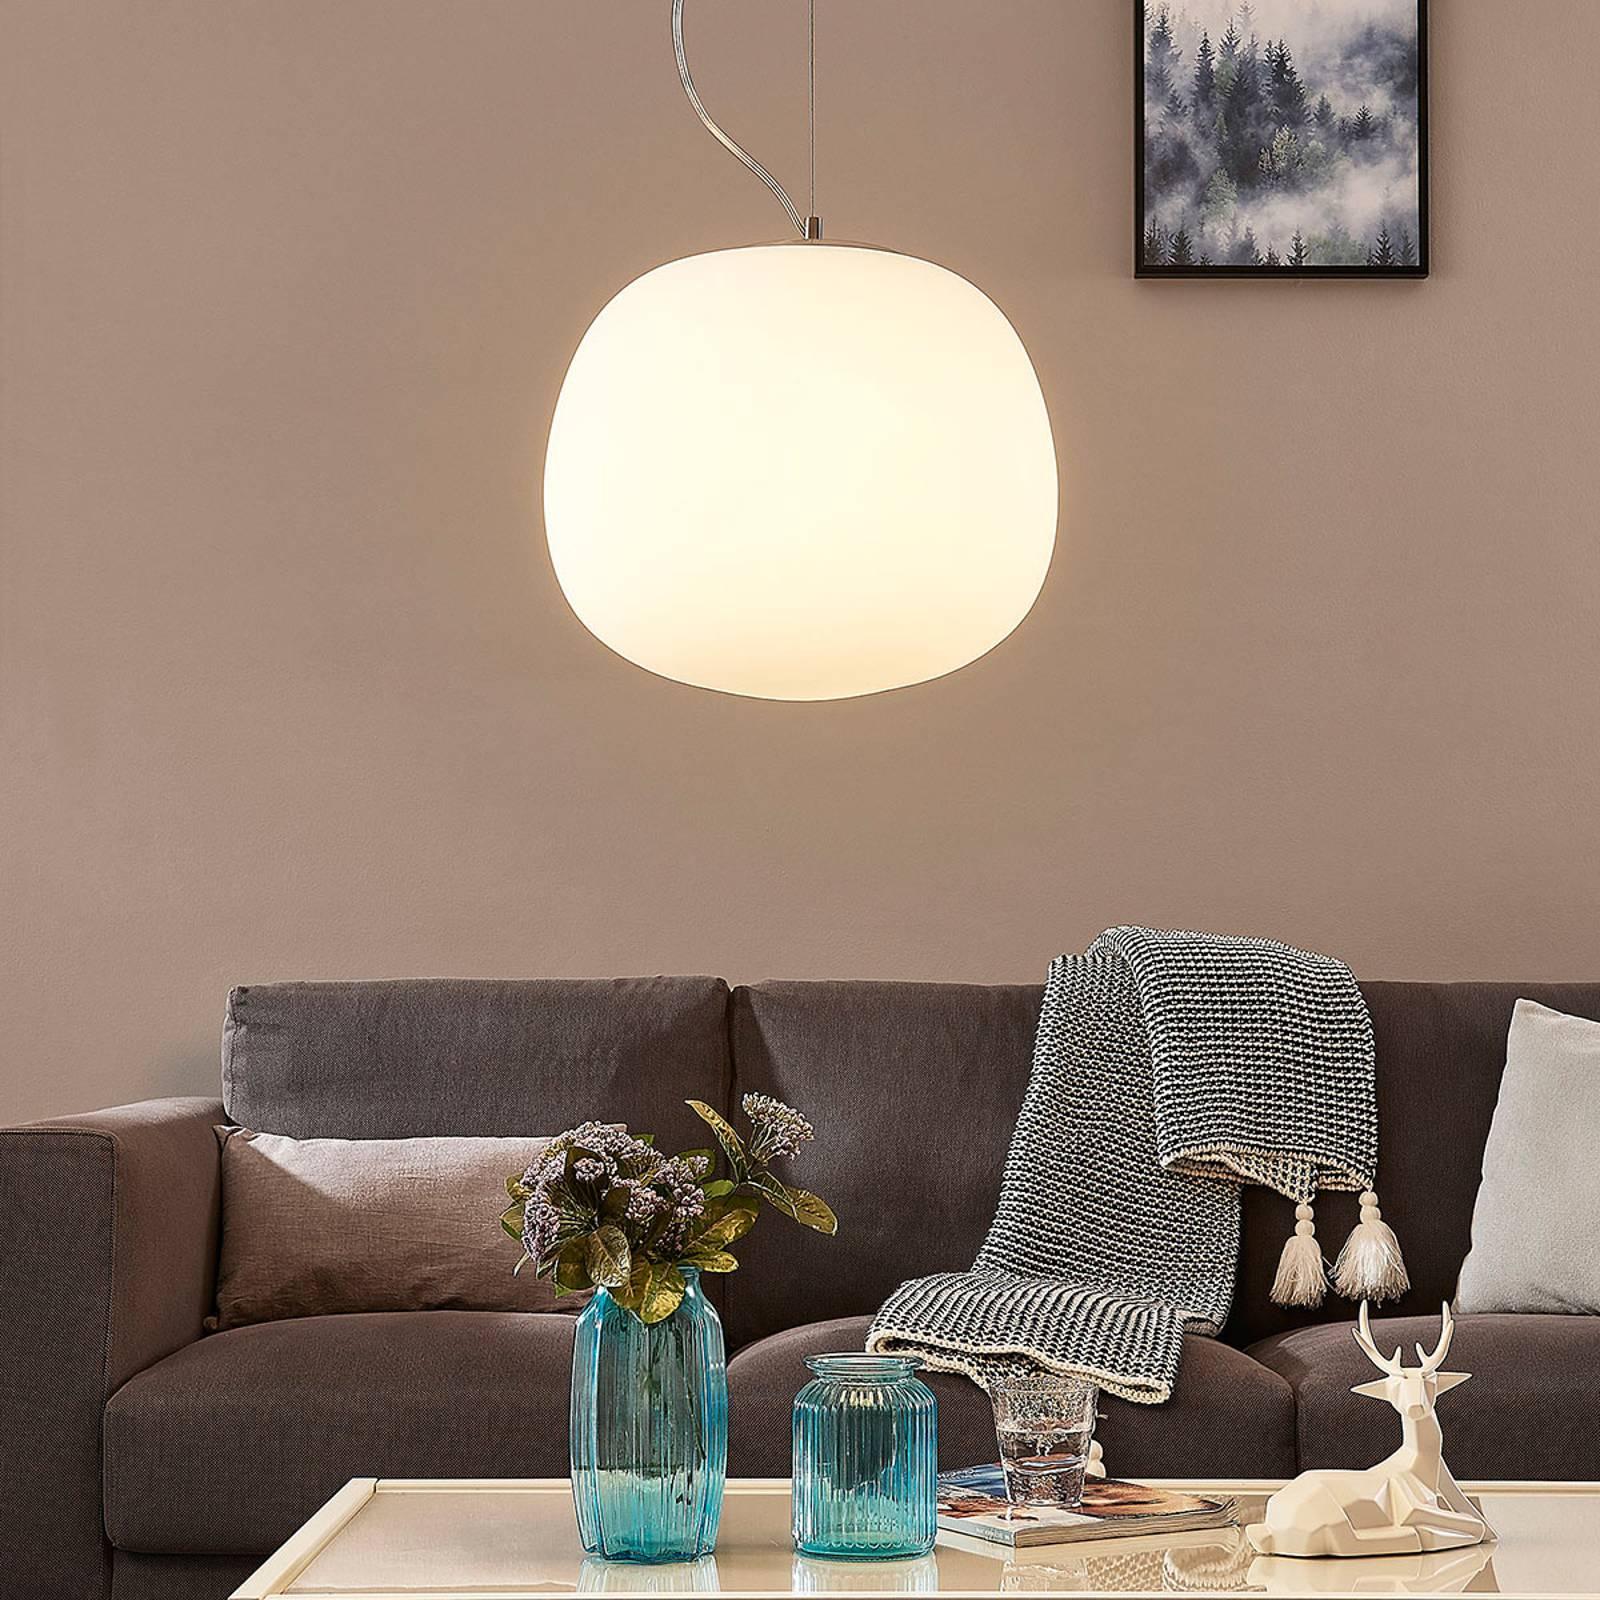 Szklana lampa wisząca Ginevra, okrągła, 38 cm